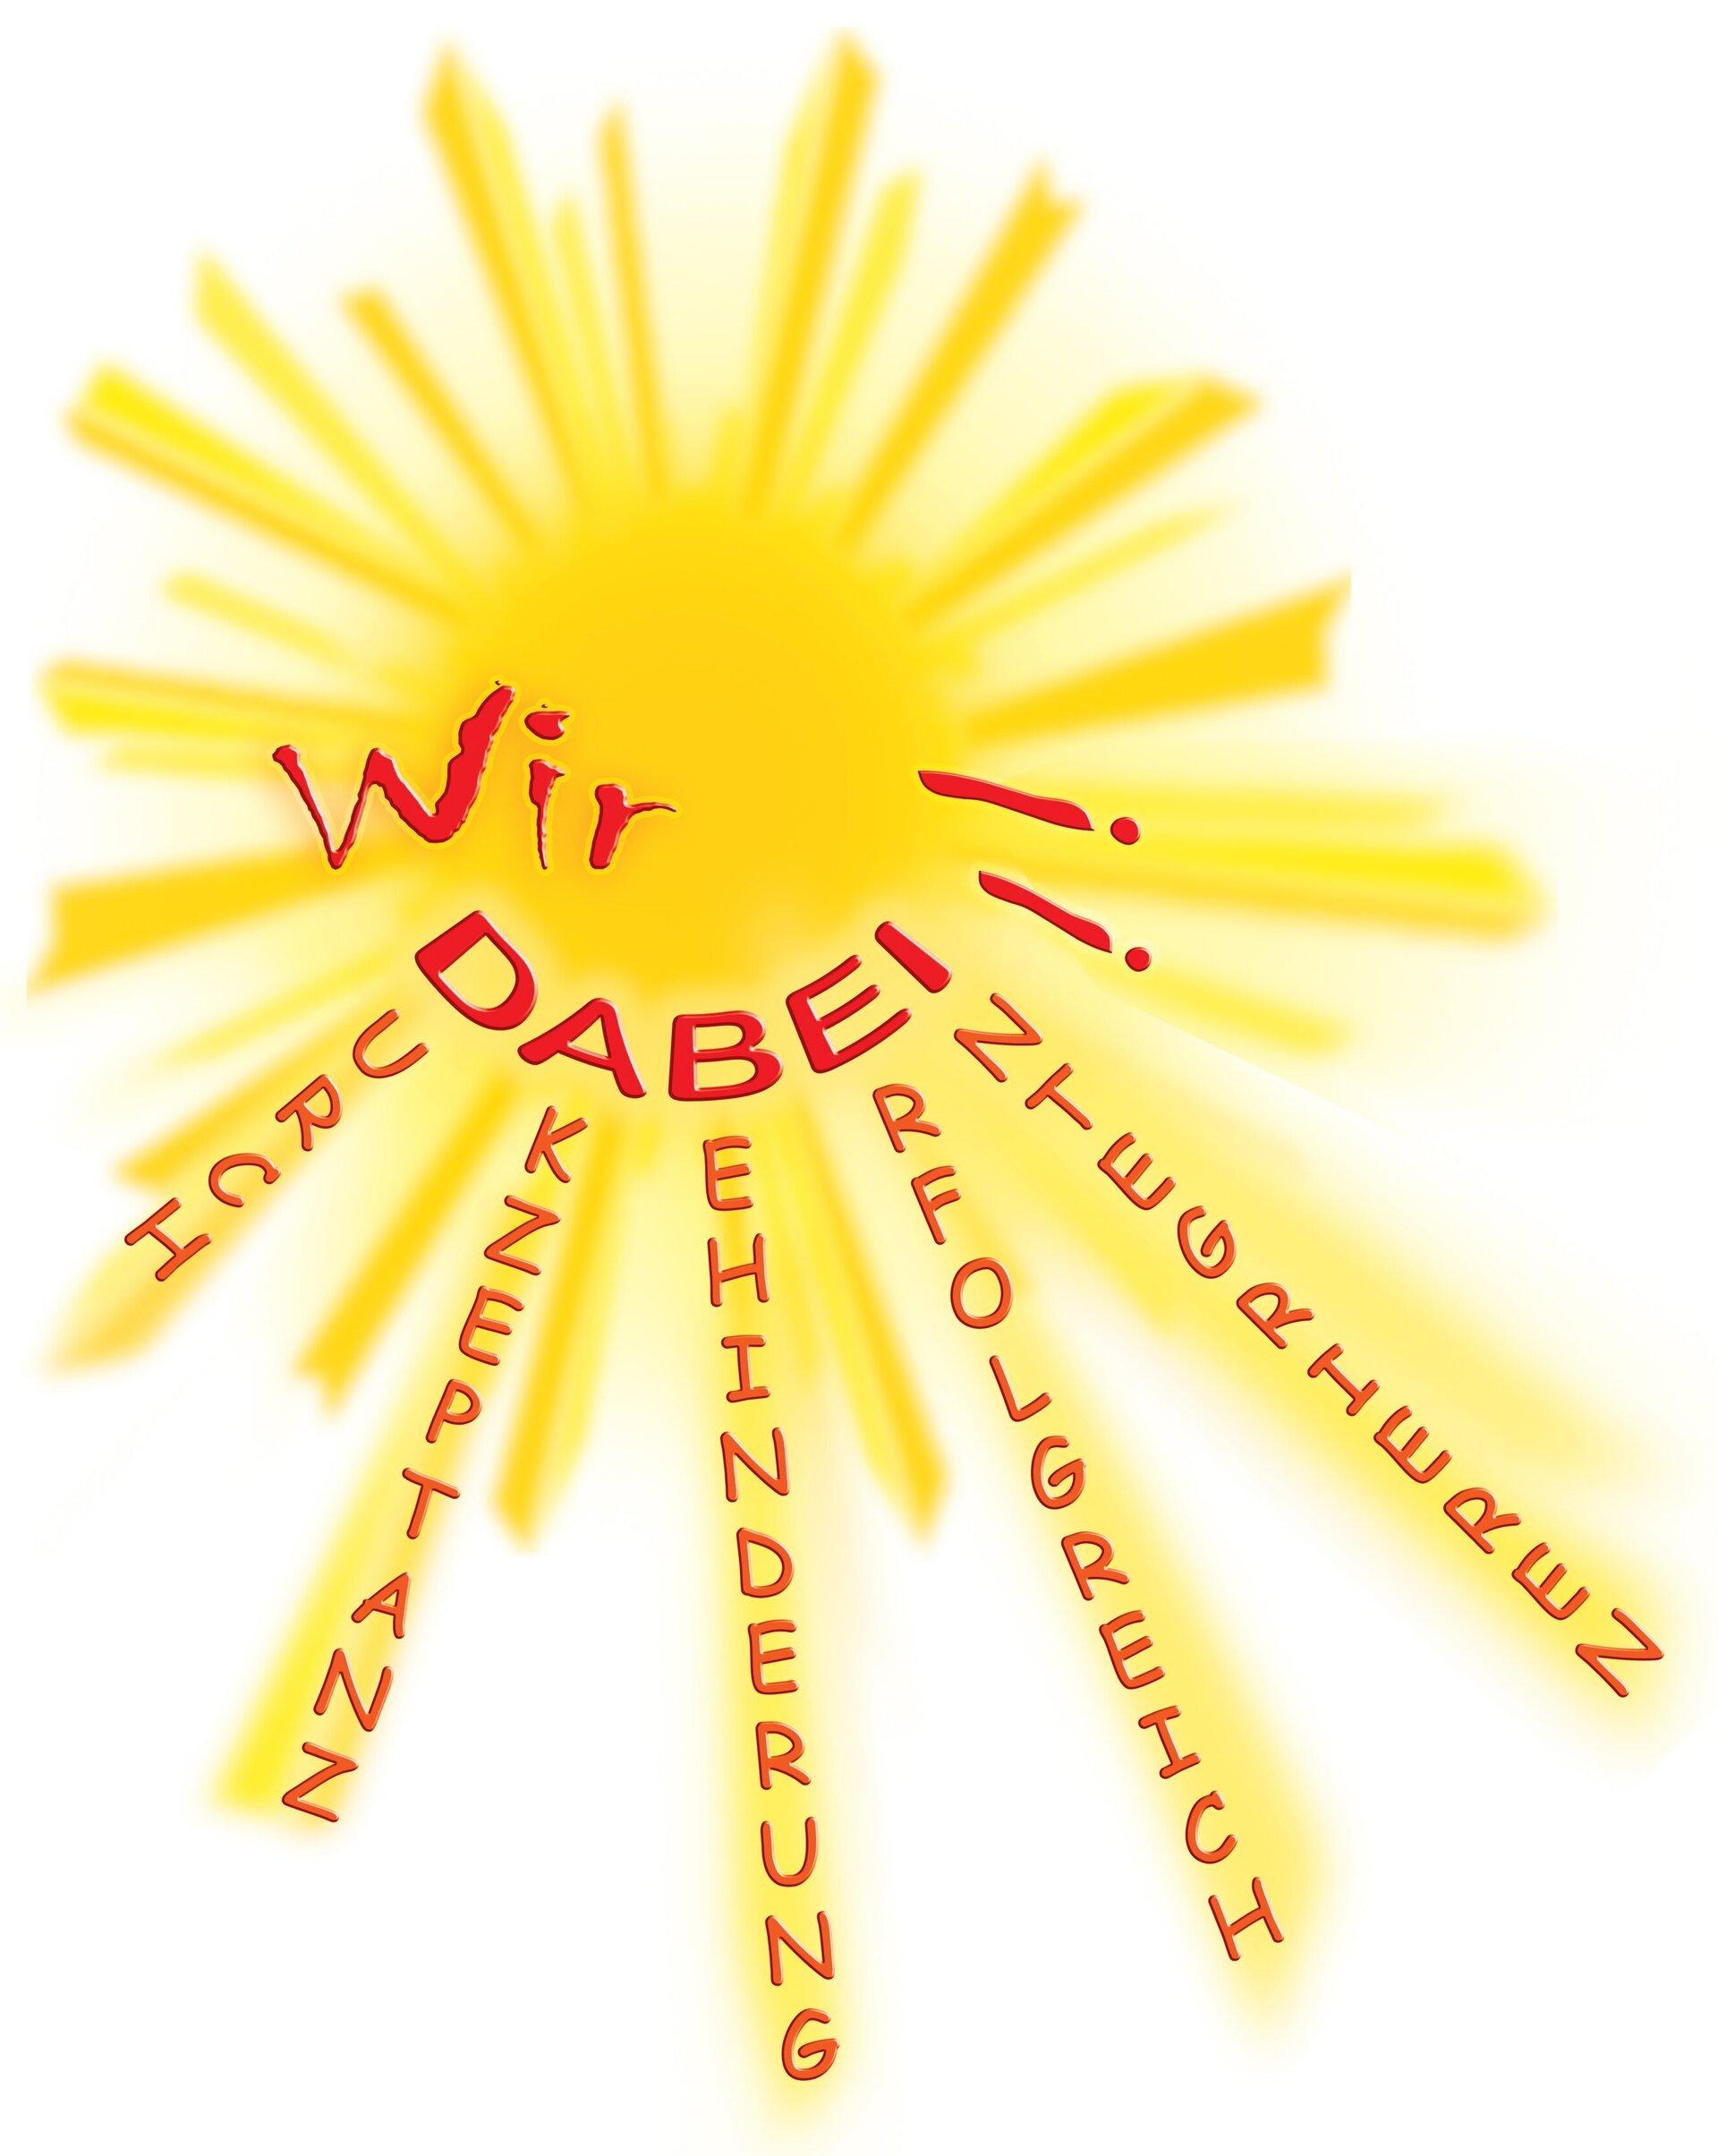 Auf dem Bild sieht man das Vereinslogo von Wir DABEI! e. V.